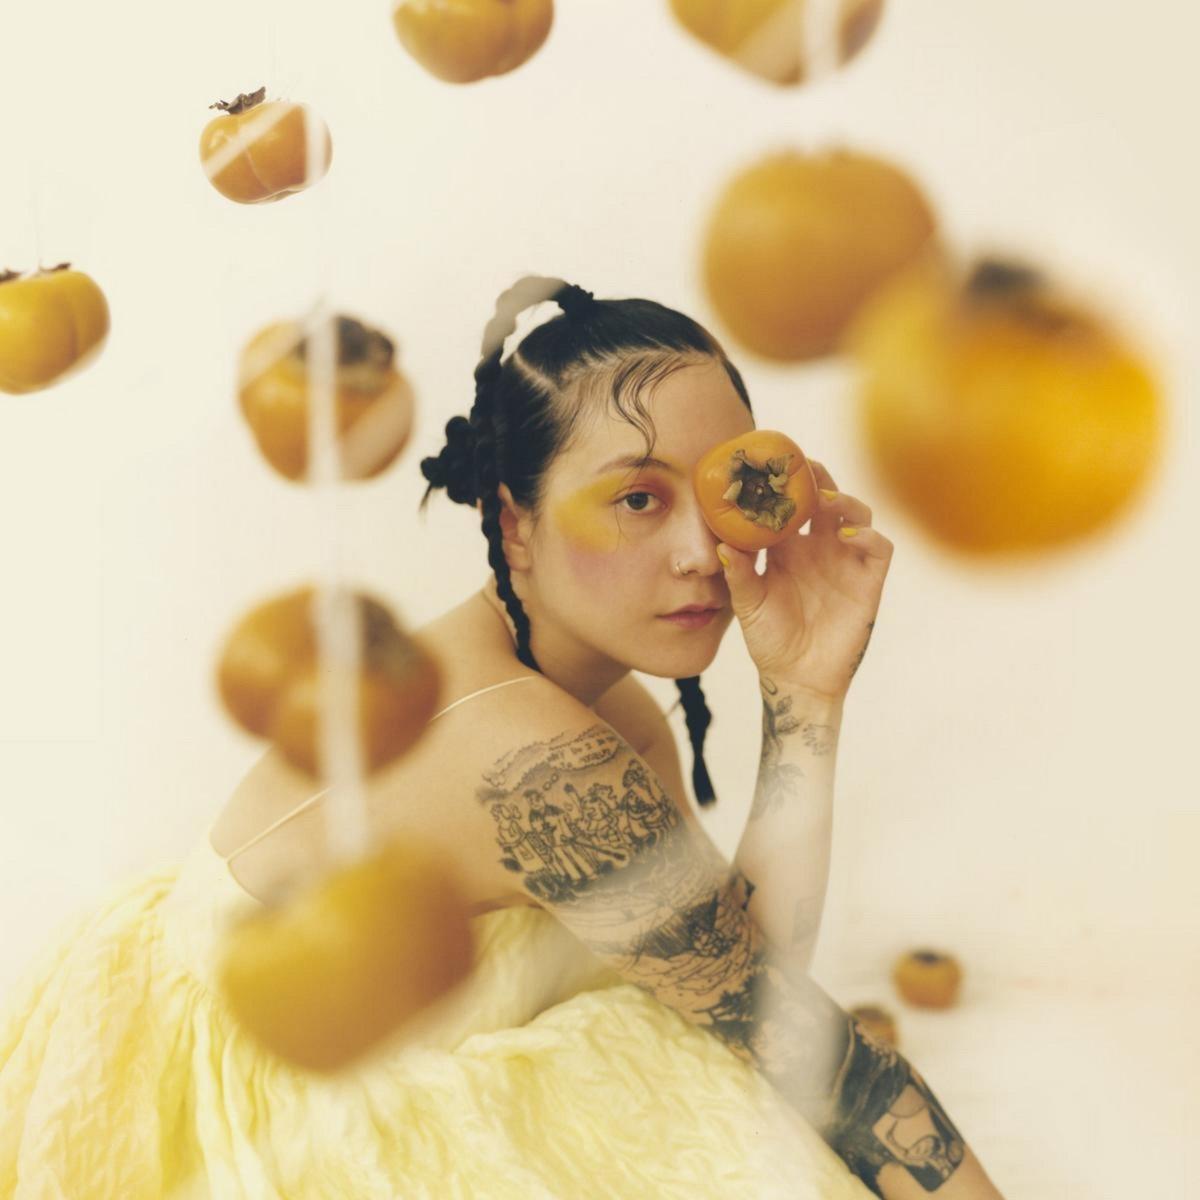 Capa do disco Jubilee, de Japanese Breakfast. A cantora Michelle Zauner na está na capa do disco, vestindo um vestido amarelo, maquiagem artística no mesmo tom e tranças no cabelo. Há caquis pendurados no primeiro plano e ela segura um na frente do olho direito.O fundo é claro, quase branco. Há também muitas tatuagens em seu braços.